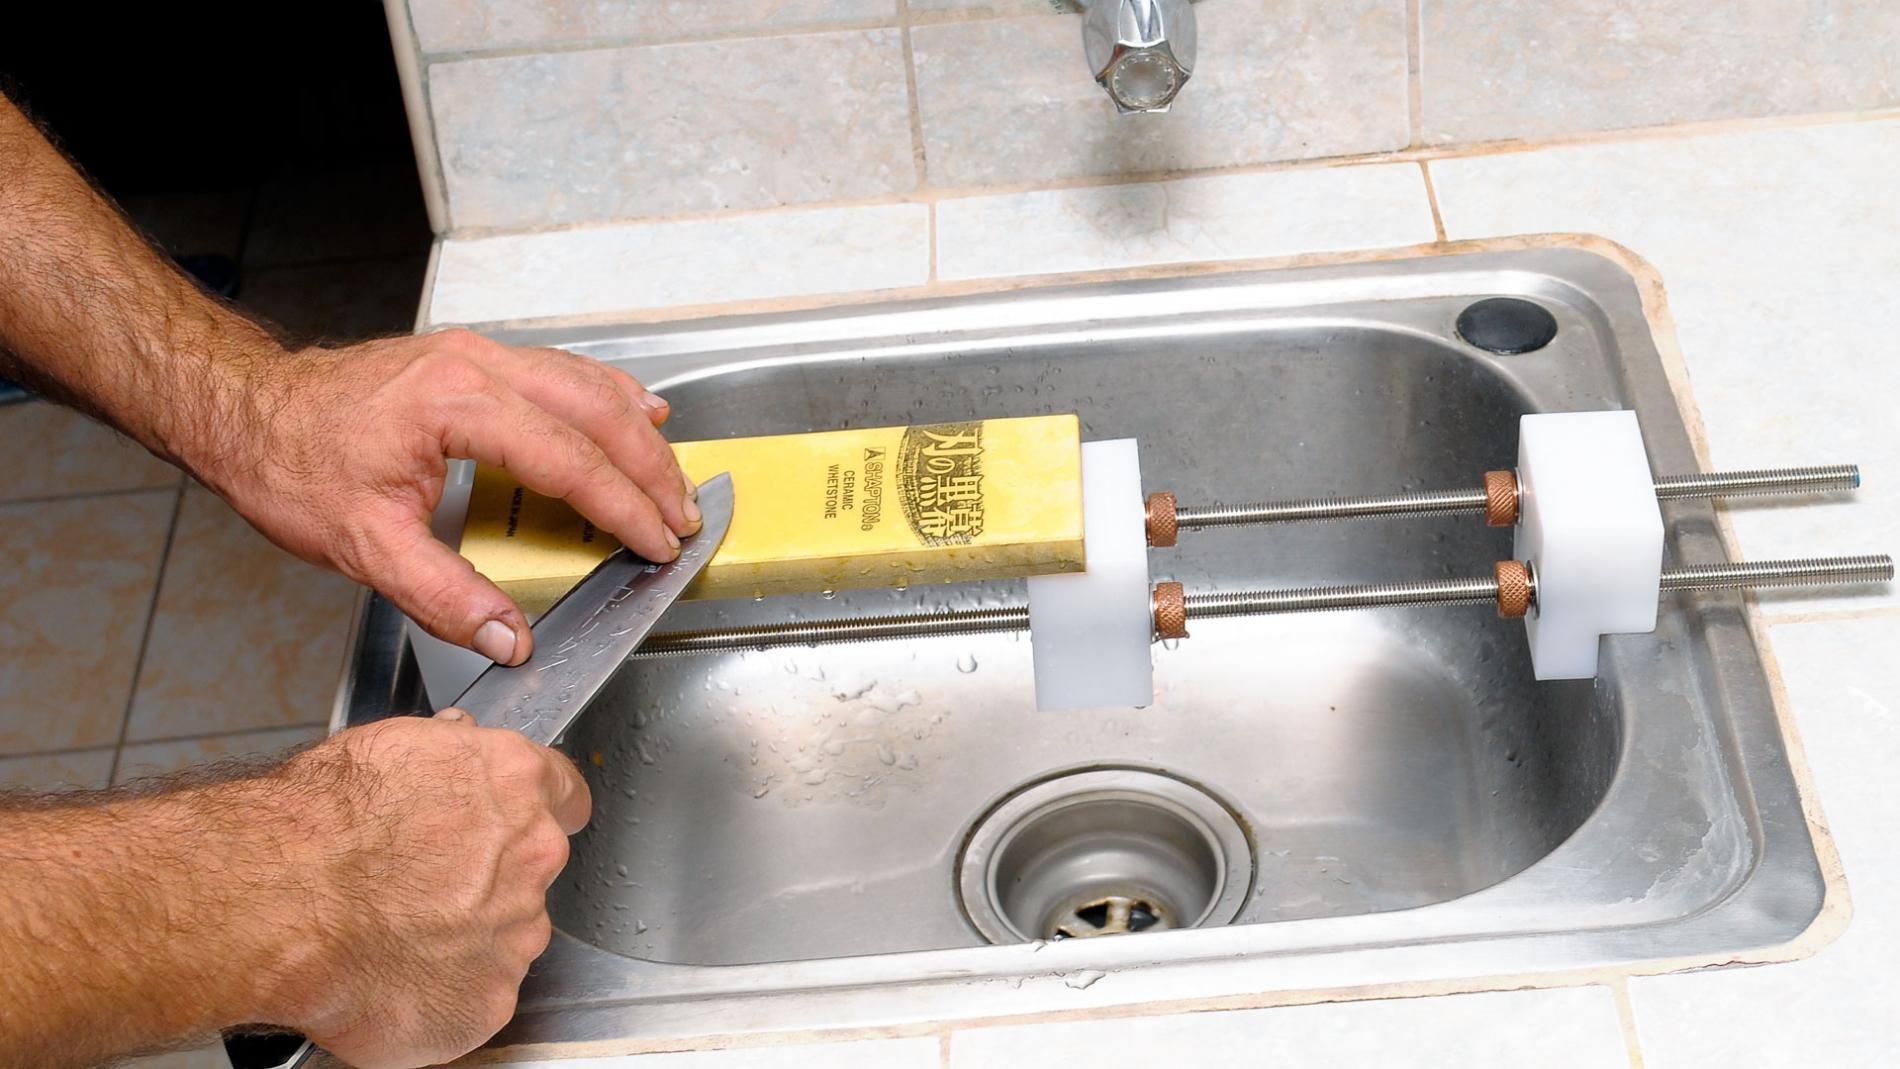 GUB0022-Soporte para piedras de afilar puente sobre la poza de lavadero GUB0022-max-2.